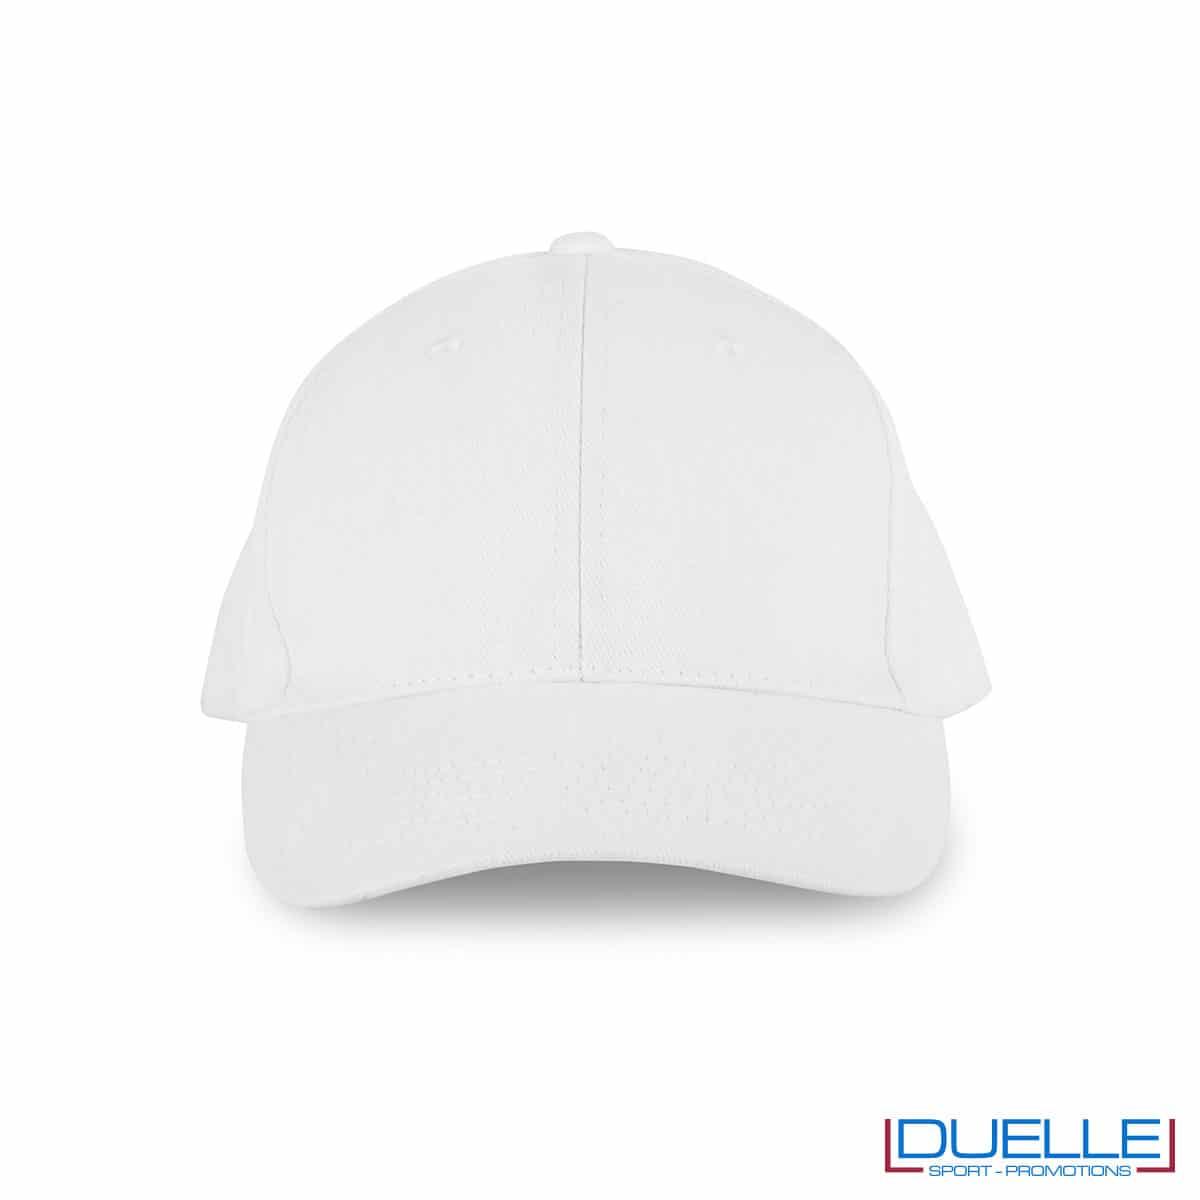 Cappellino in cotone biologico personalizzato con ricamo colore bianco